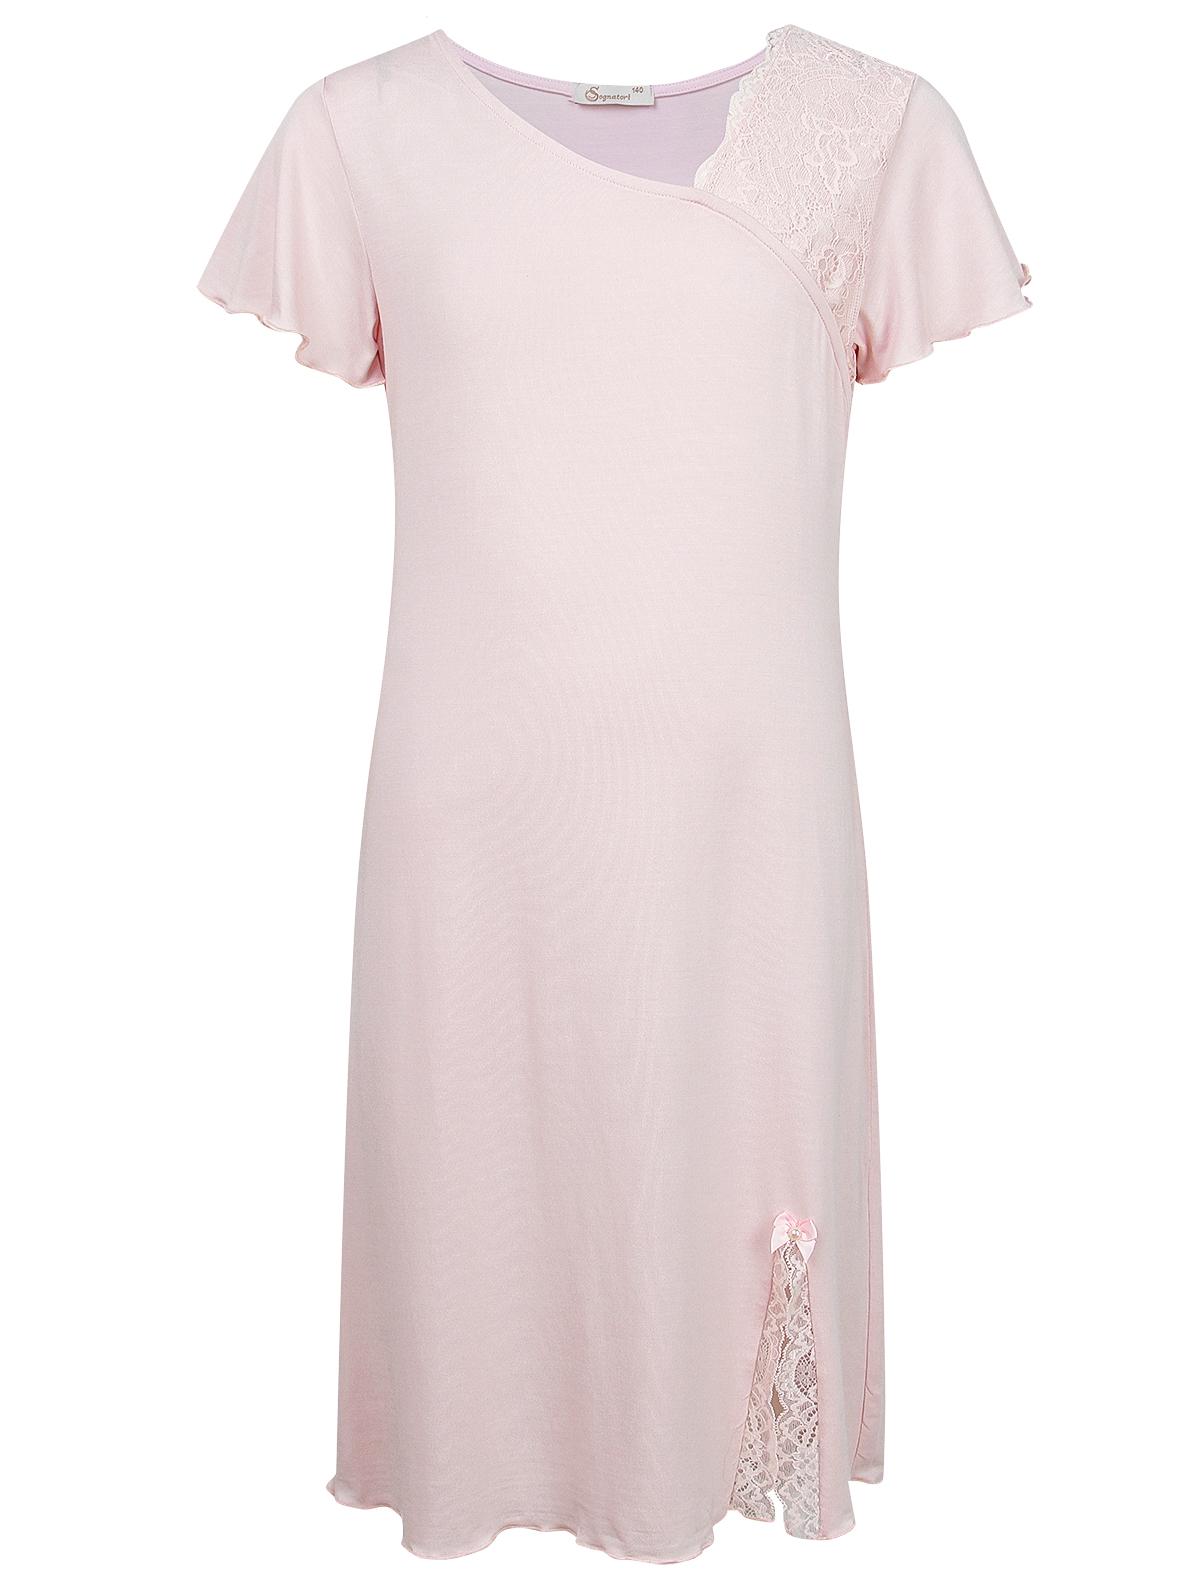 Купить 2144268, Ночная рубашка Sognatori, розовый, Женский, 3342609980008